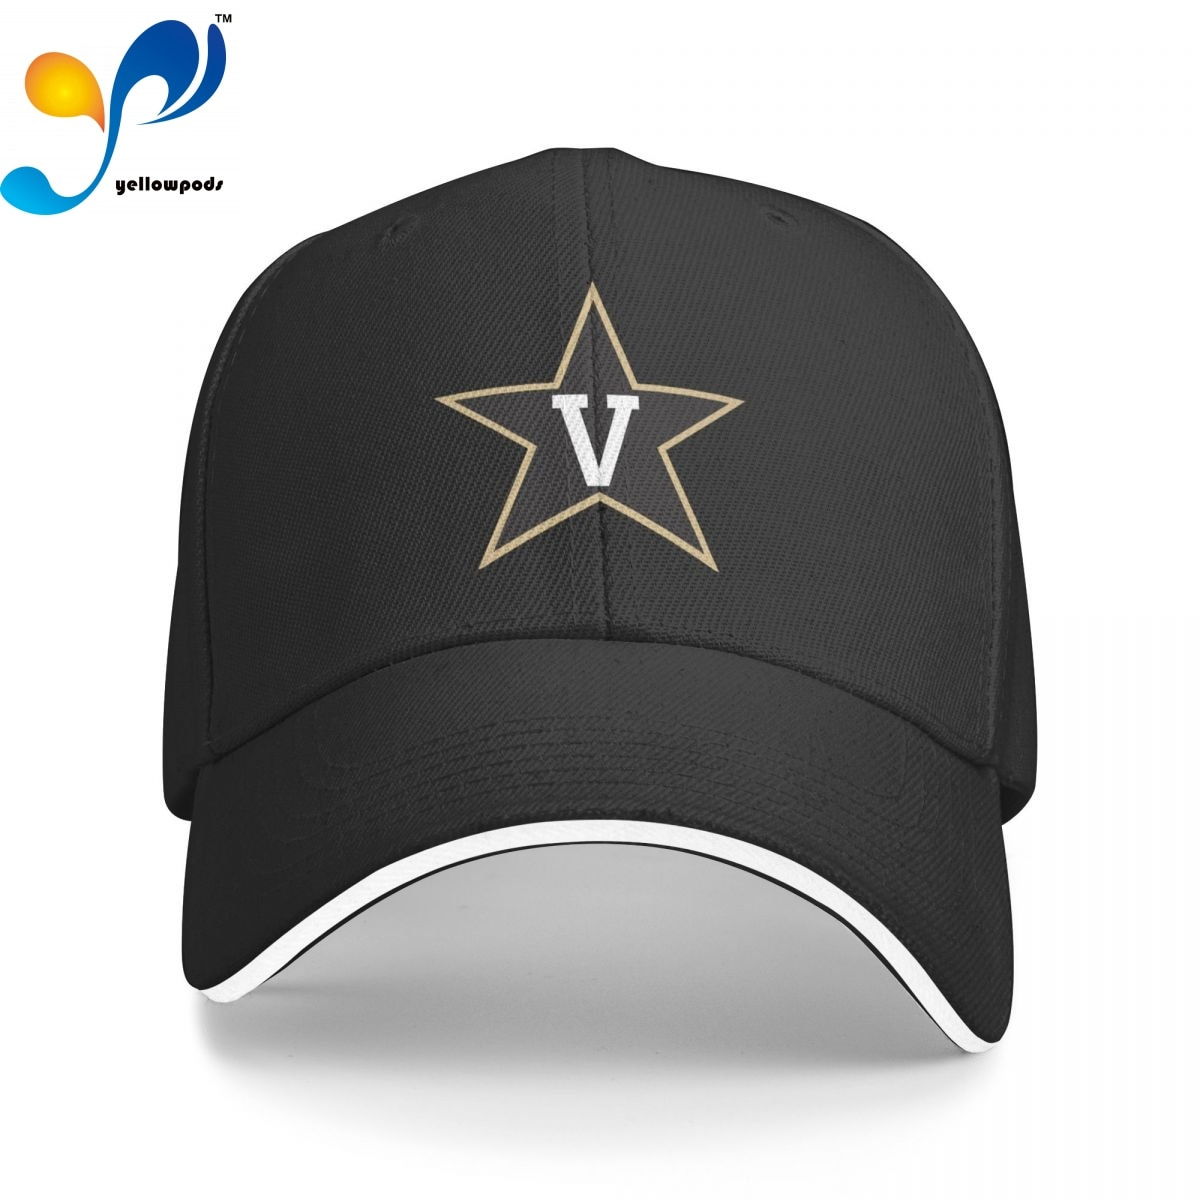 Мужская Бейсболка, Мужская бейсболка, мужские головные уборы, кепки с логотипом